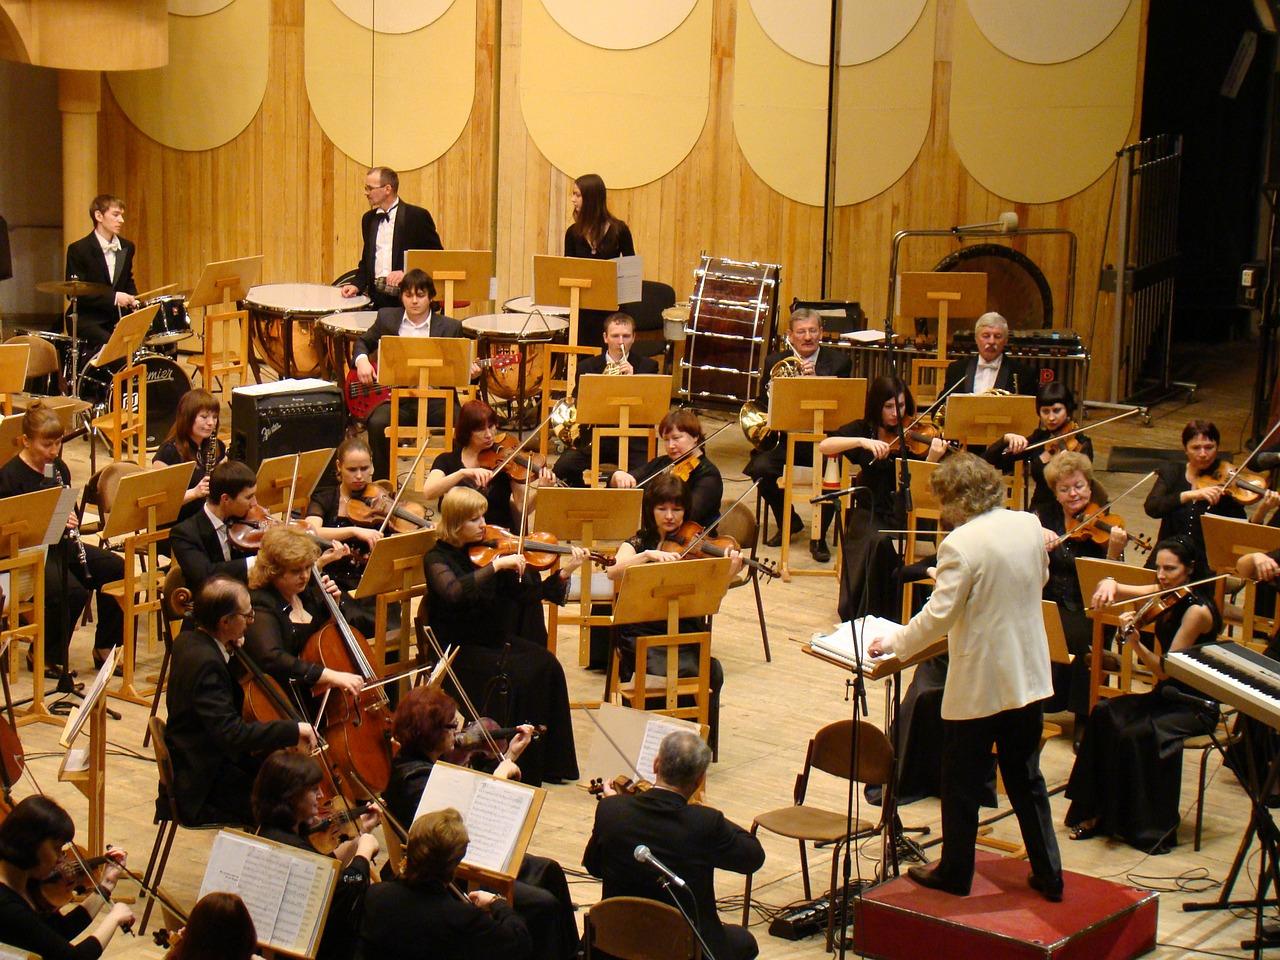 orchestre concert